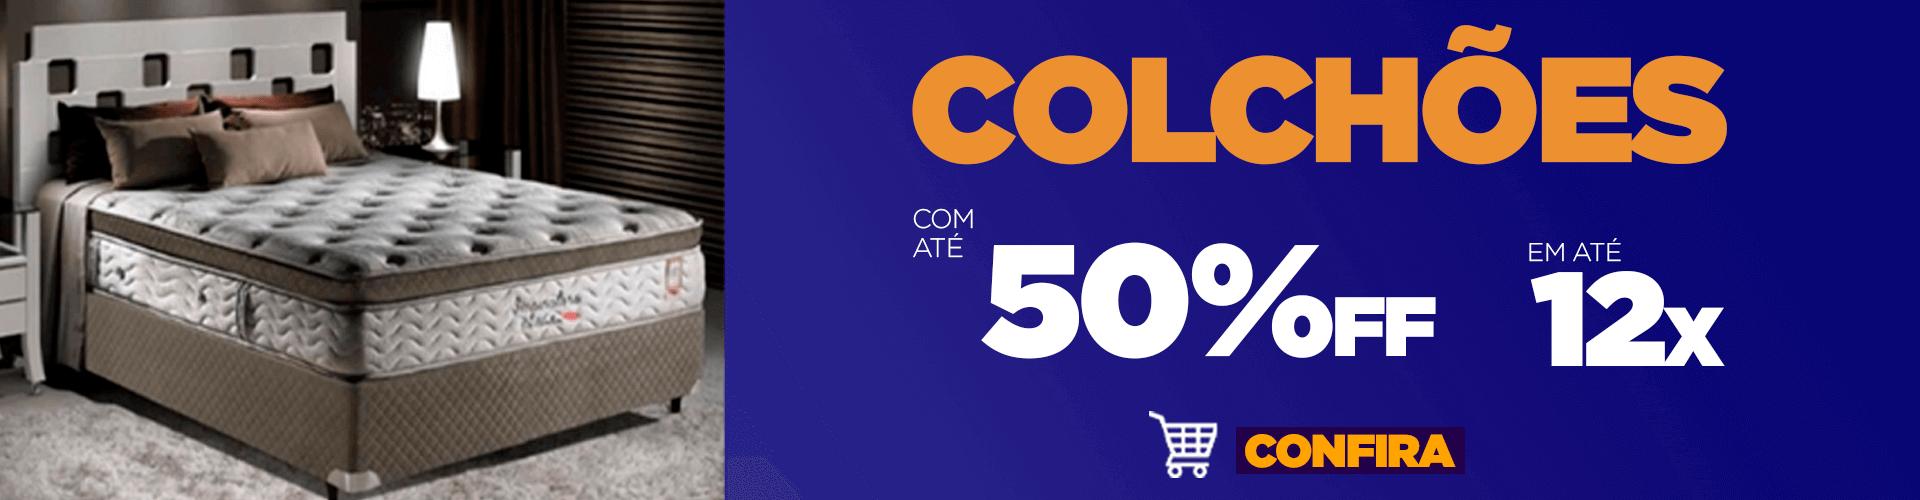 Banner Colchão